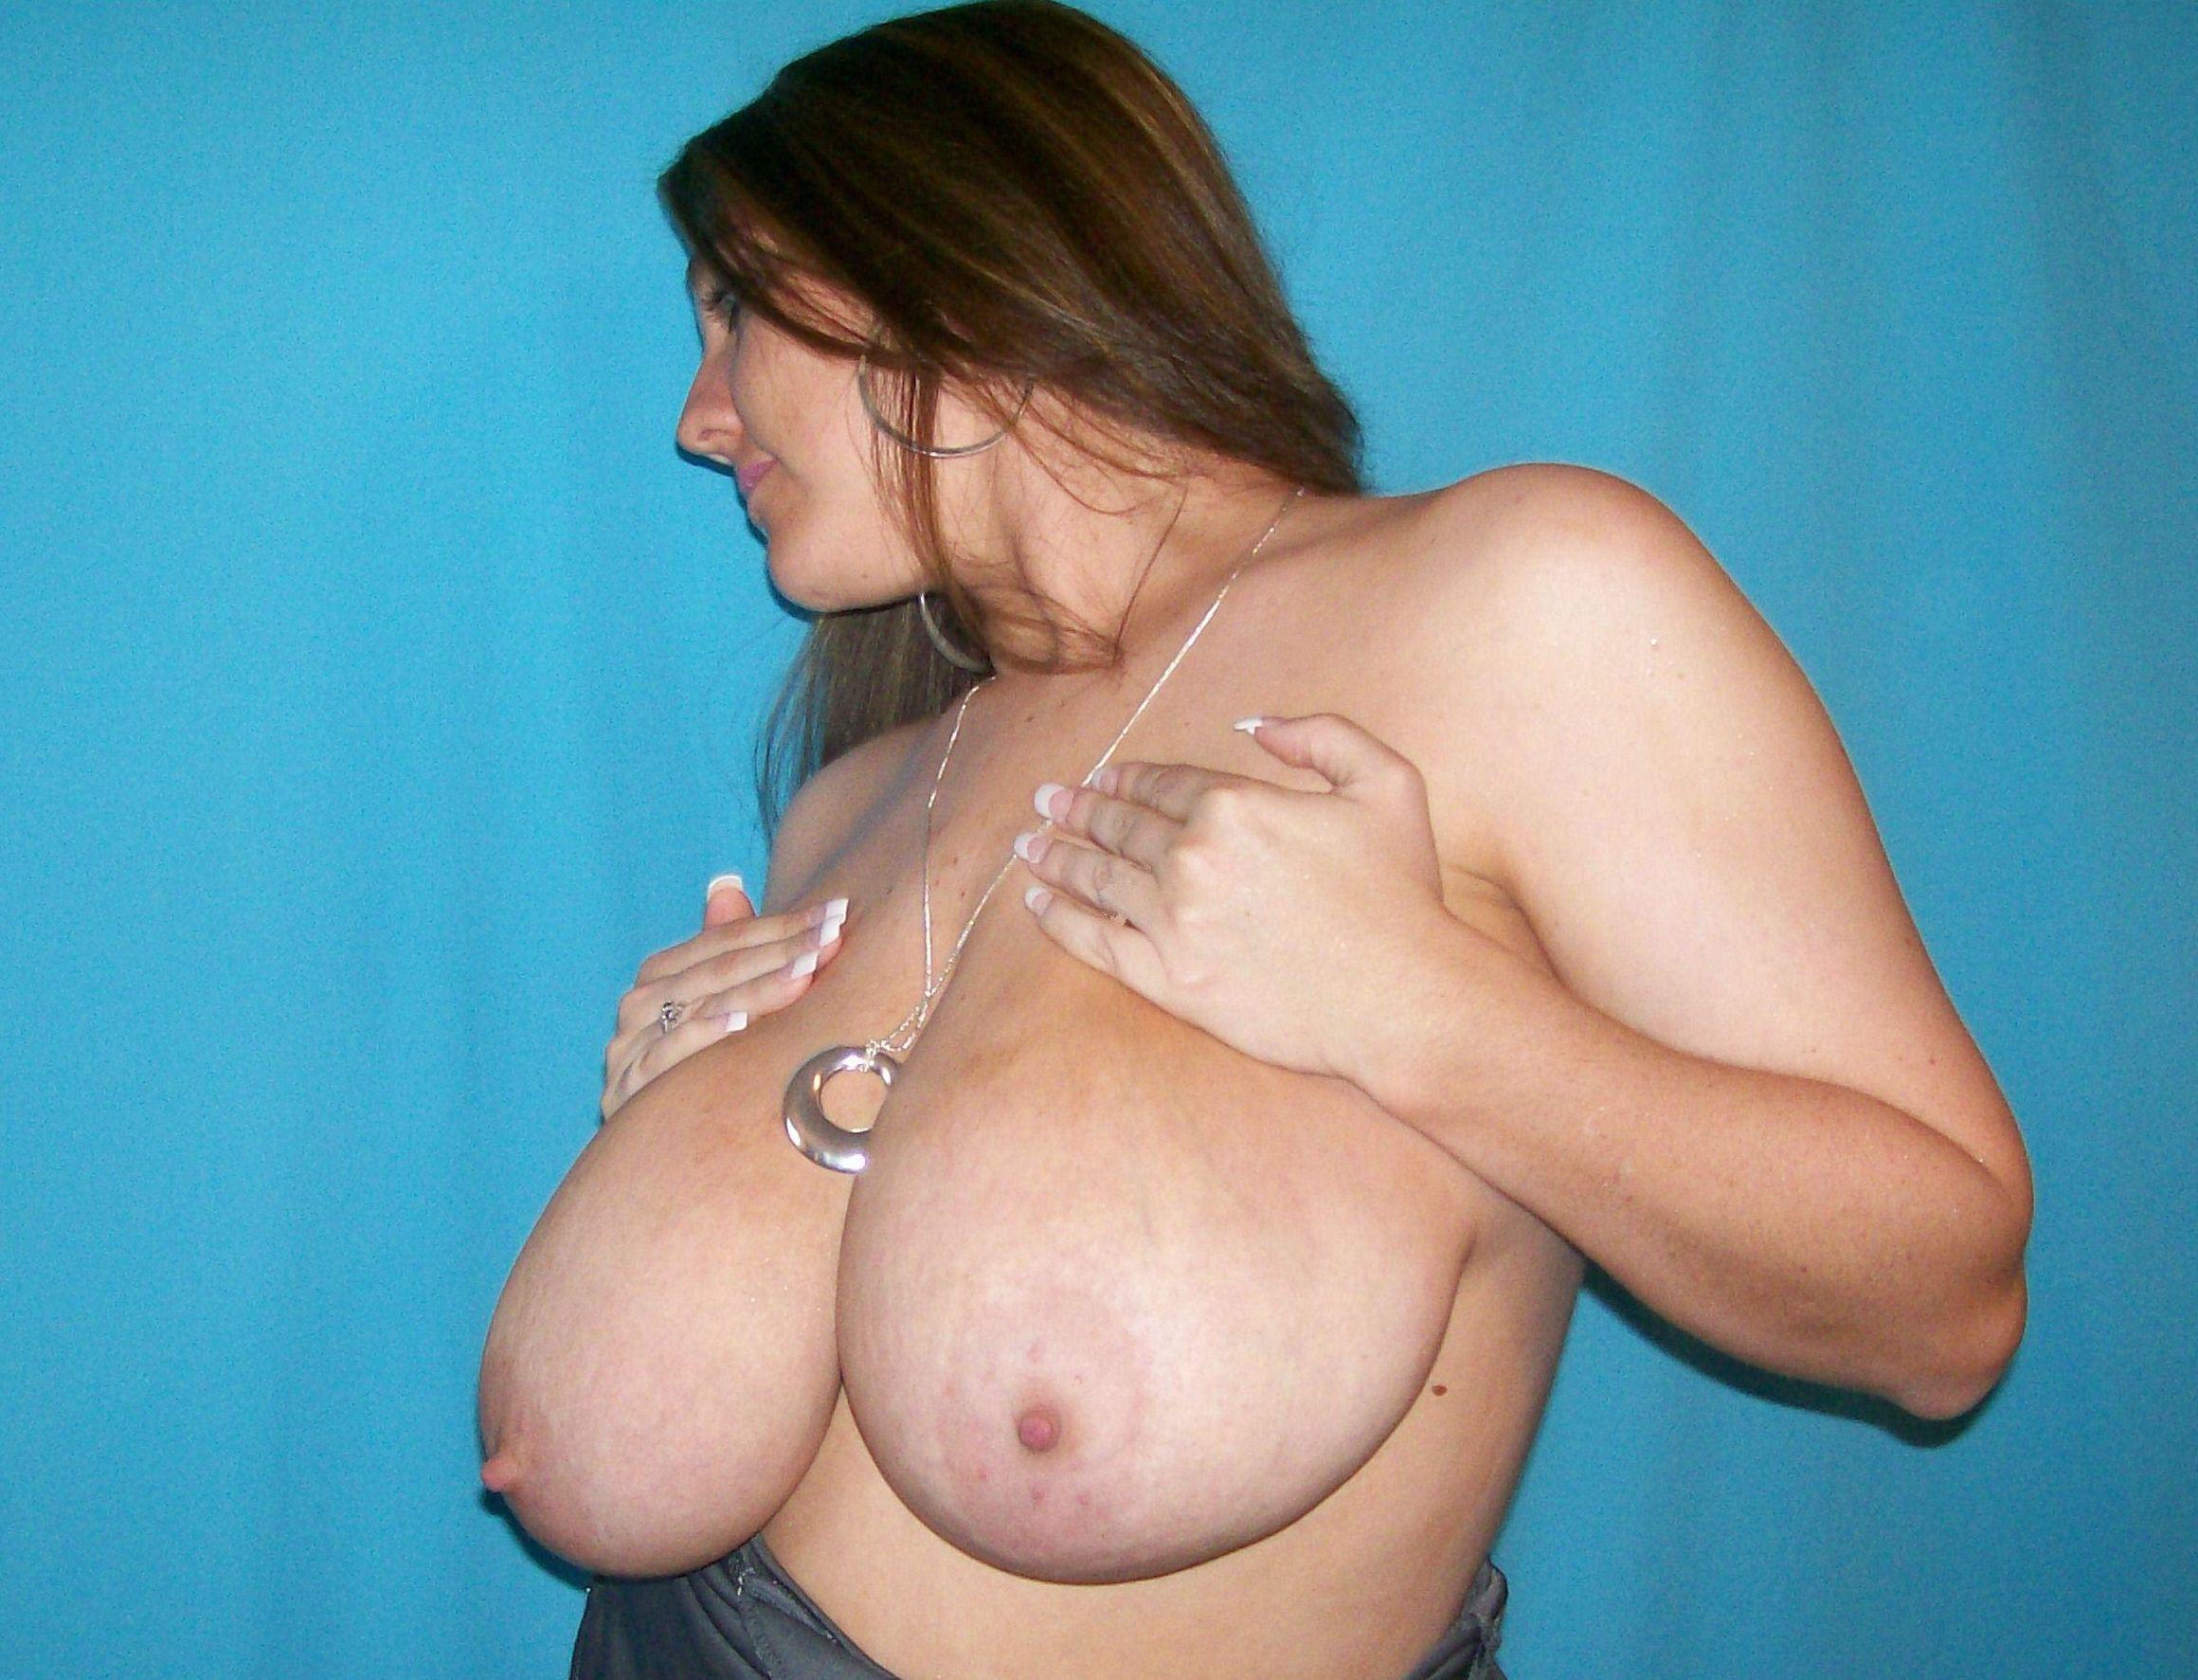 Смотреть большие сиськи фото русских, Фото голых женщин и девушек с большой грудью 8 фотография